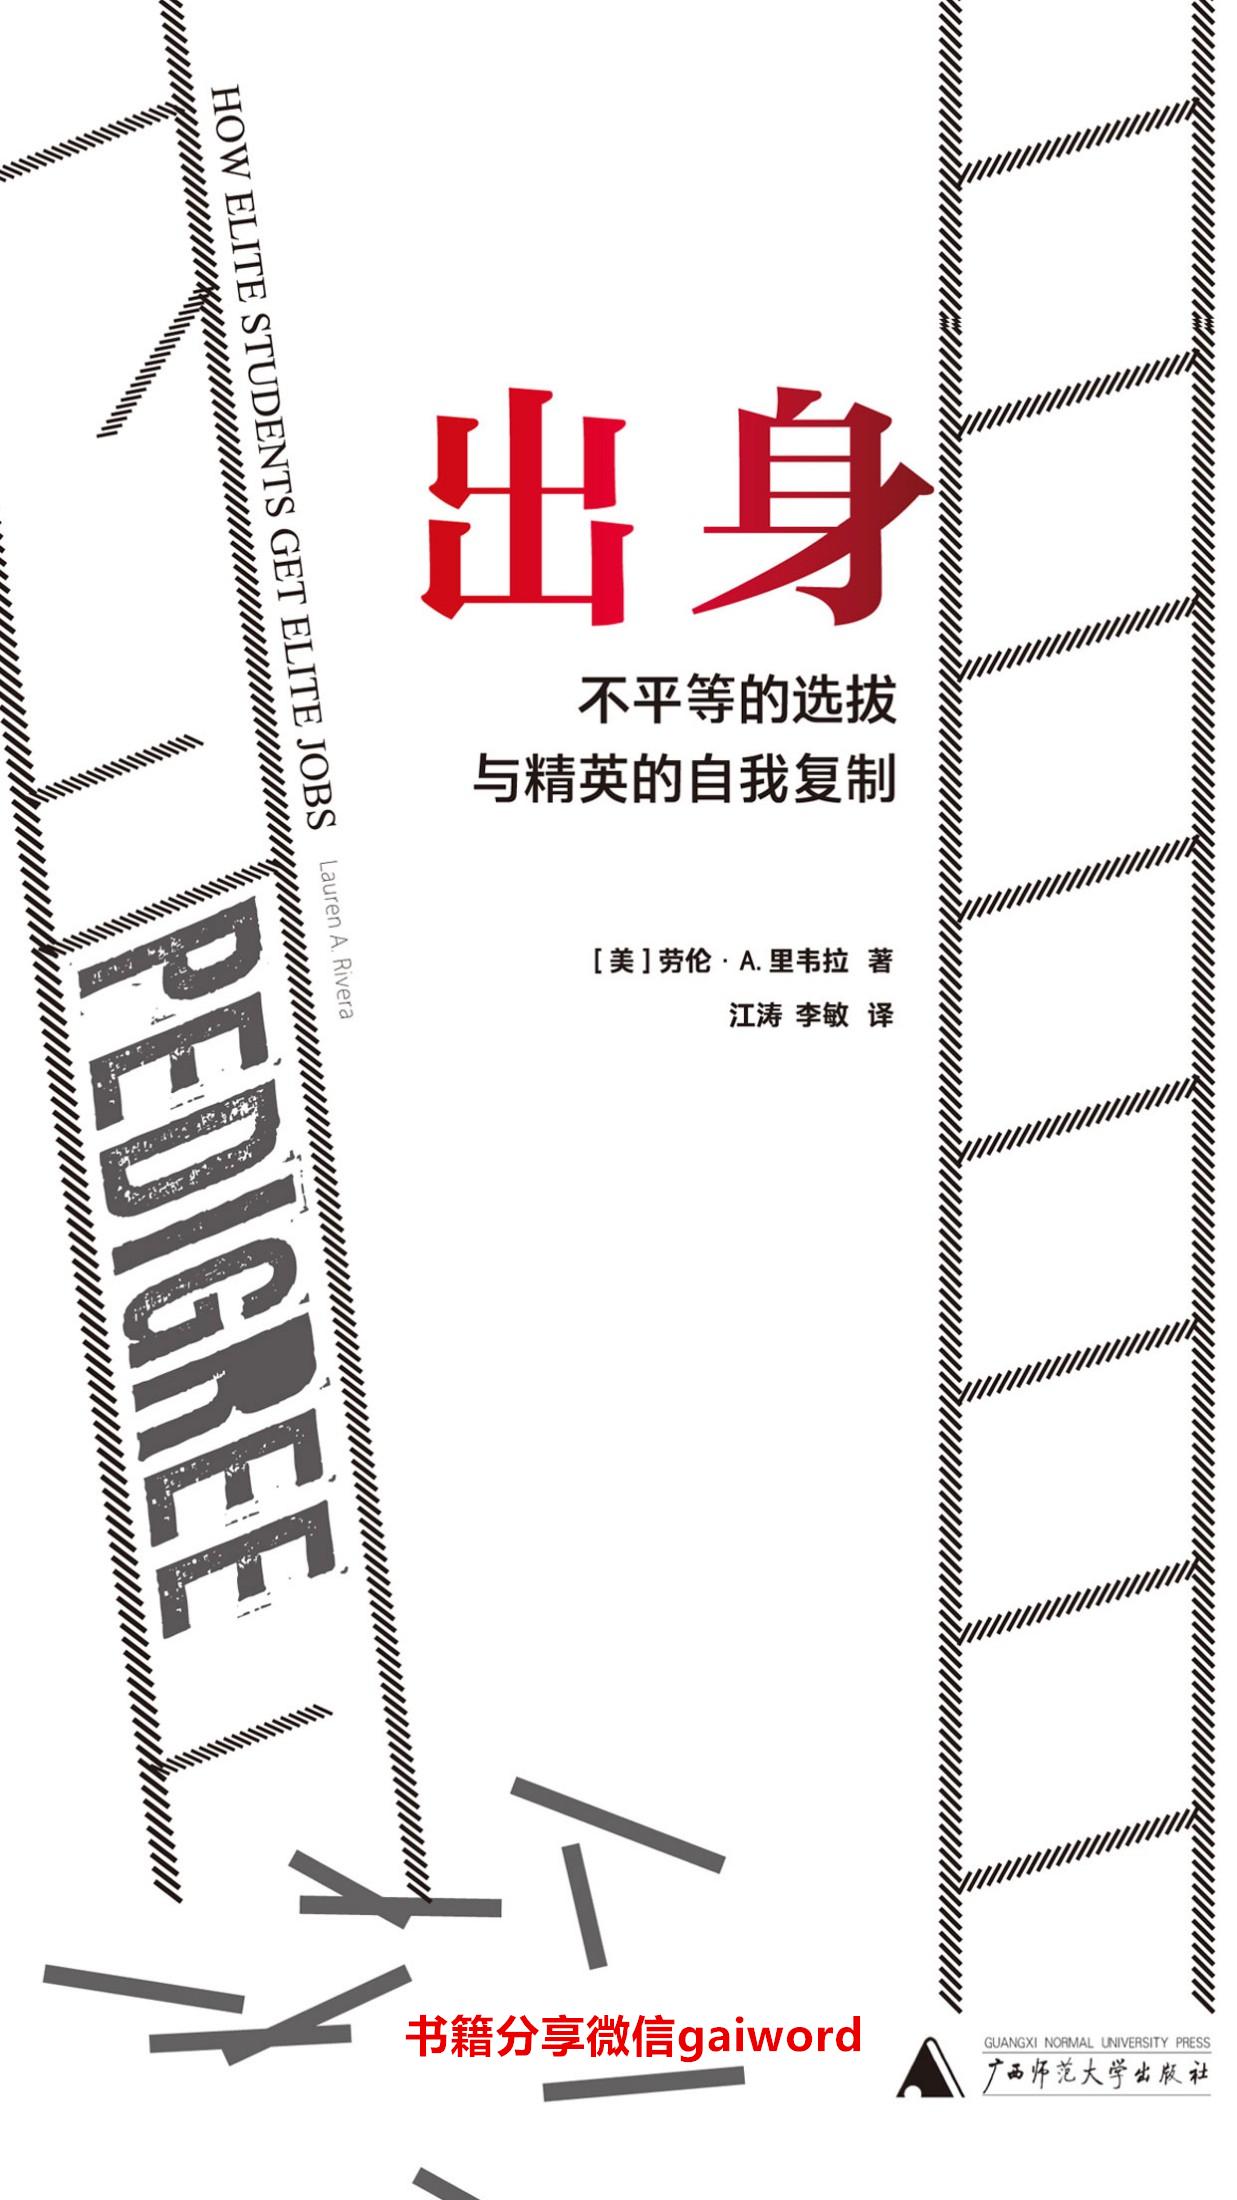 出身:不平等的选拔与精英的自我复制mobi-epub-azw-pdf-txt-kindle电子书下载